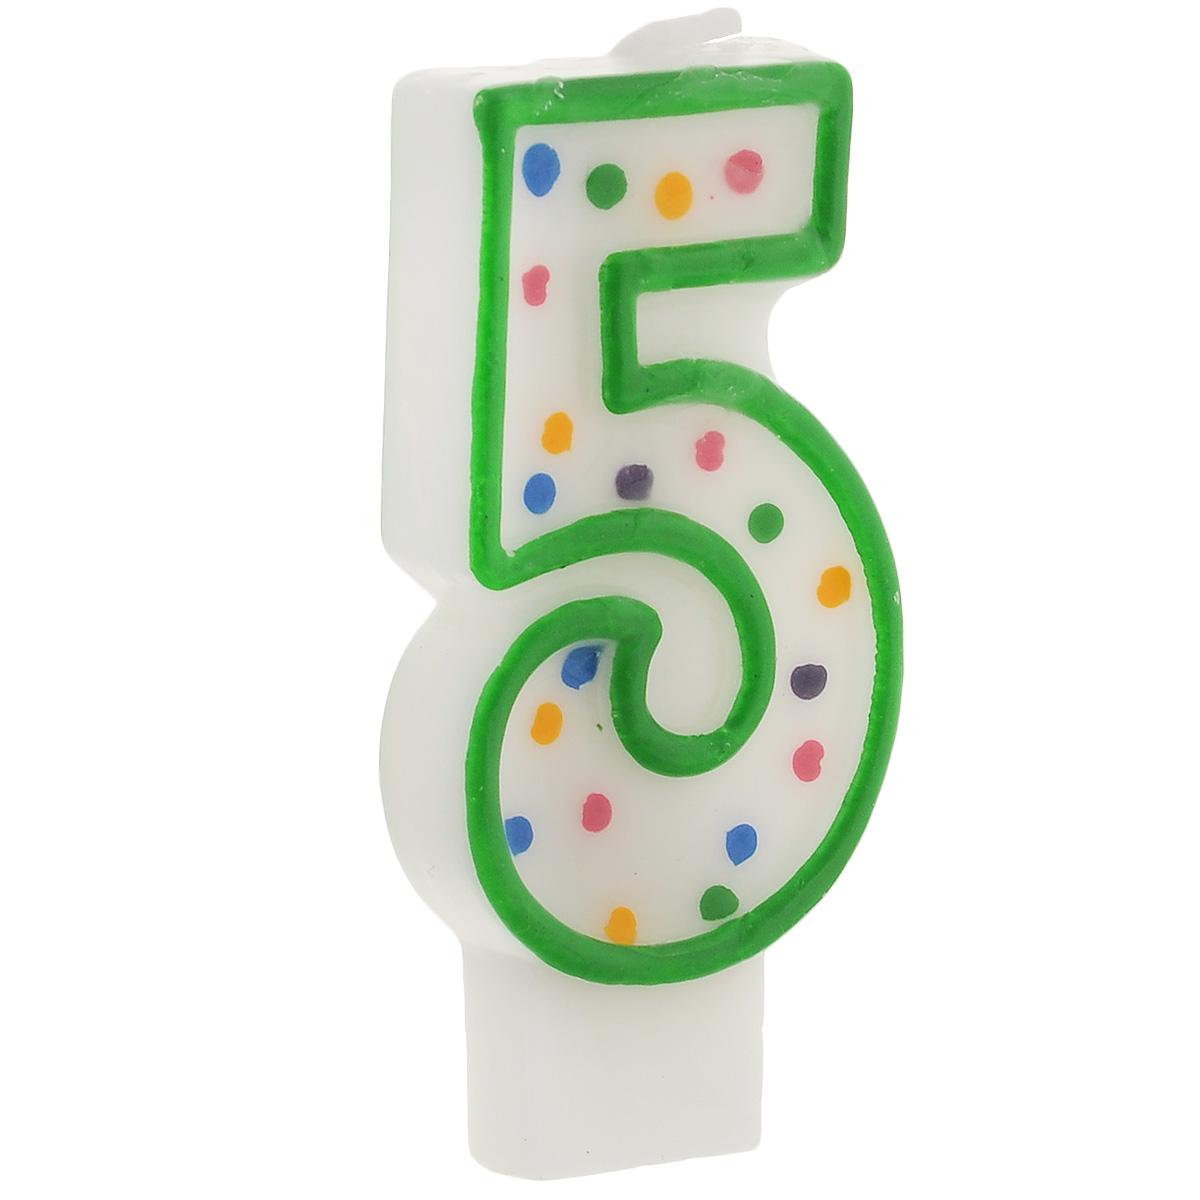 Свеча-цифра для торта Wilton  Цифра 5 , цвет: зеленый, высота 7,6 см -  Свечи для торта